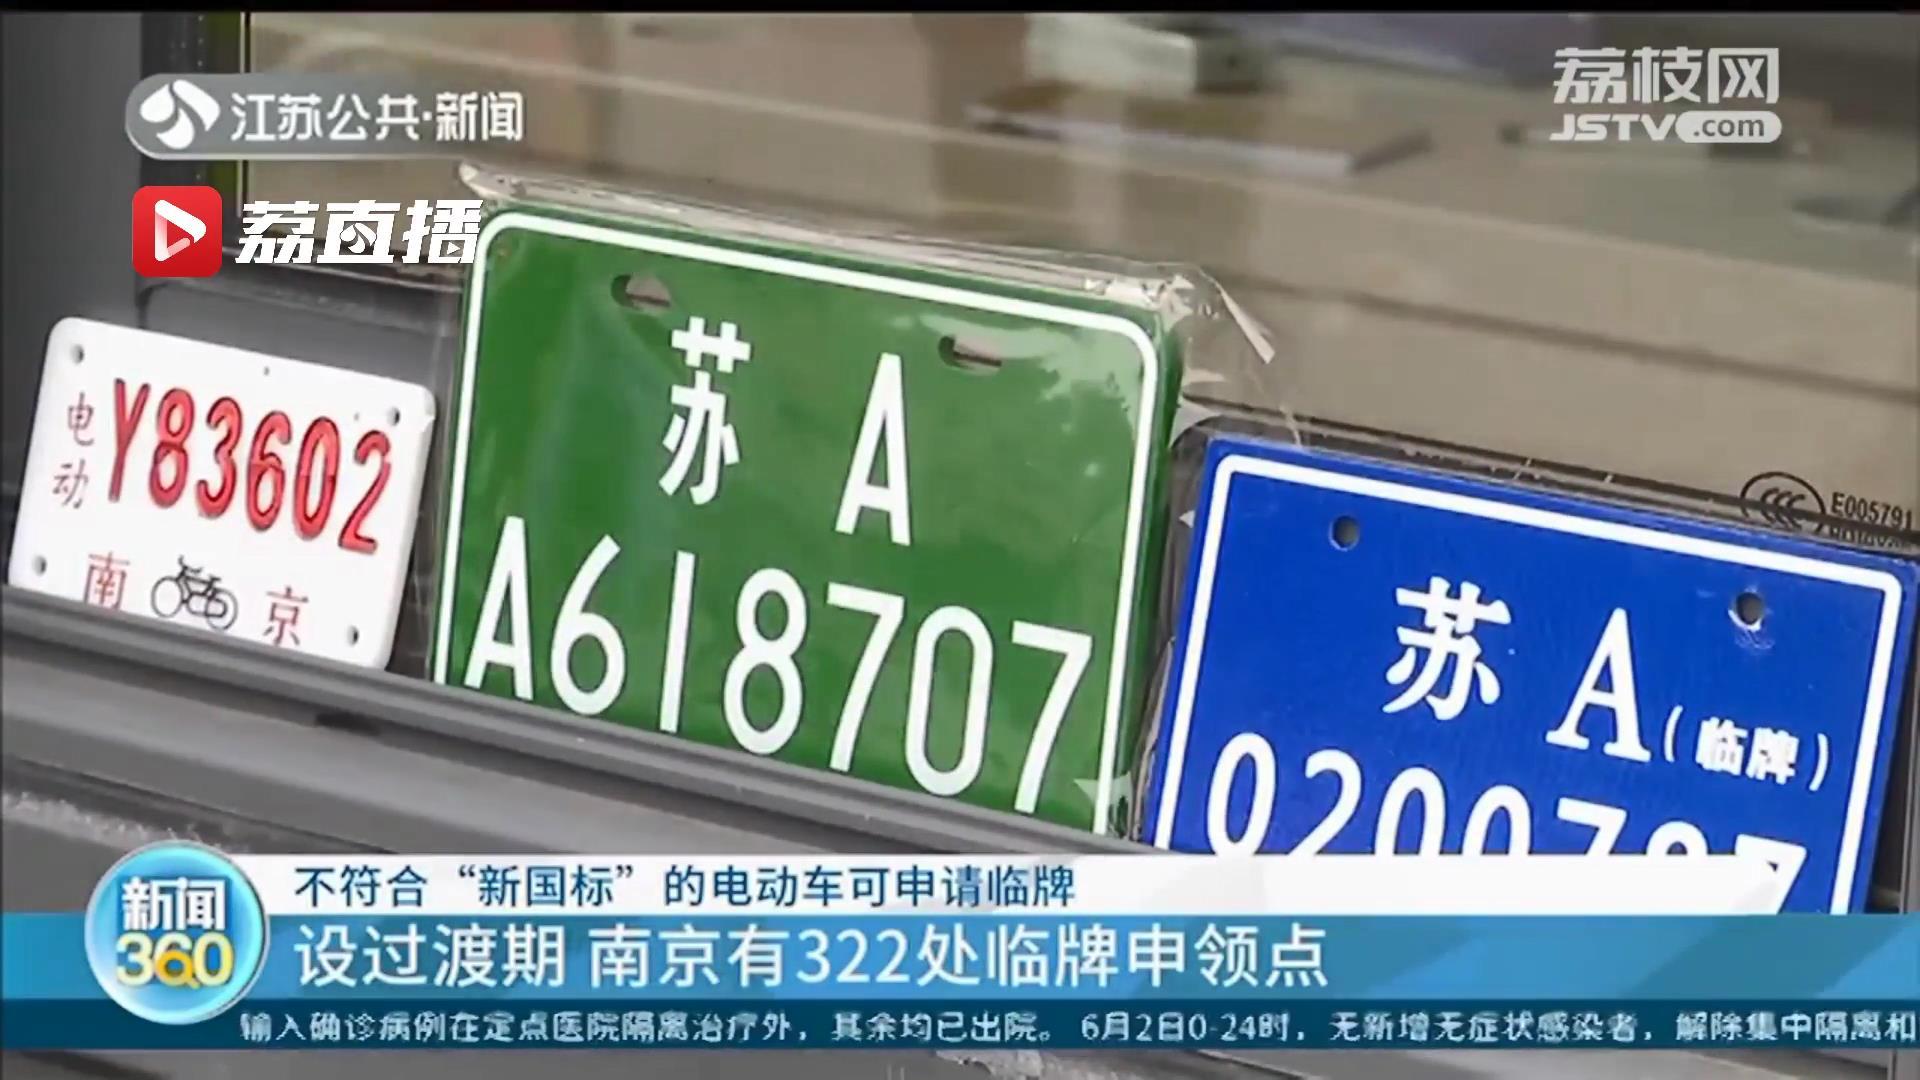 """南京不符合""""新国标""""的电动车可申请临牌上路 有效期到明年4月14日"""